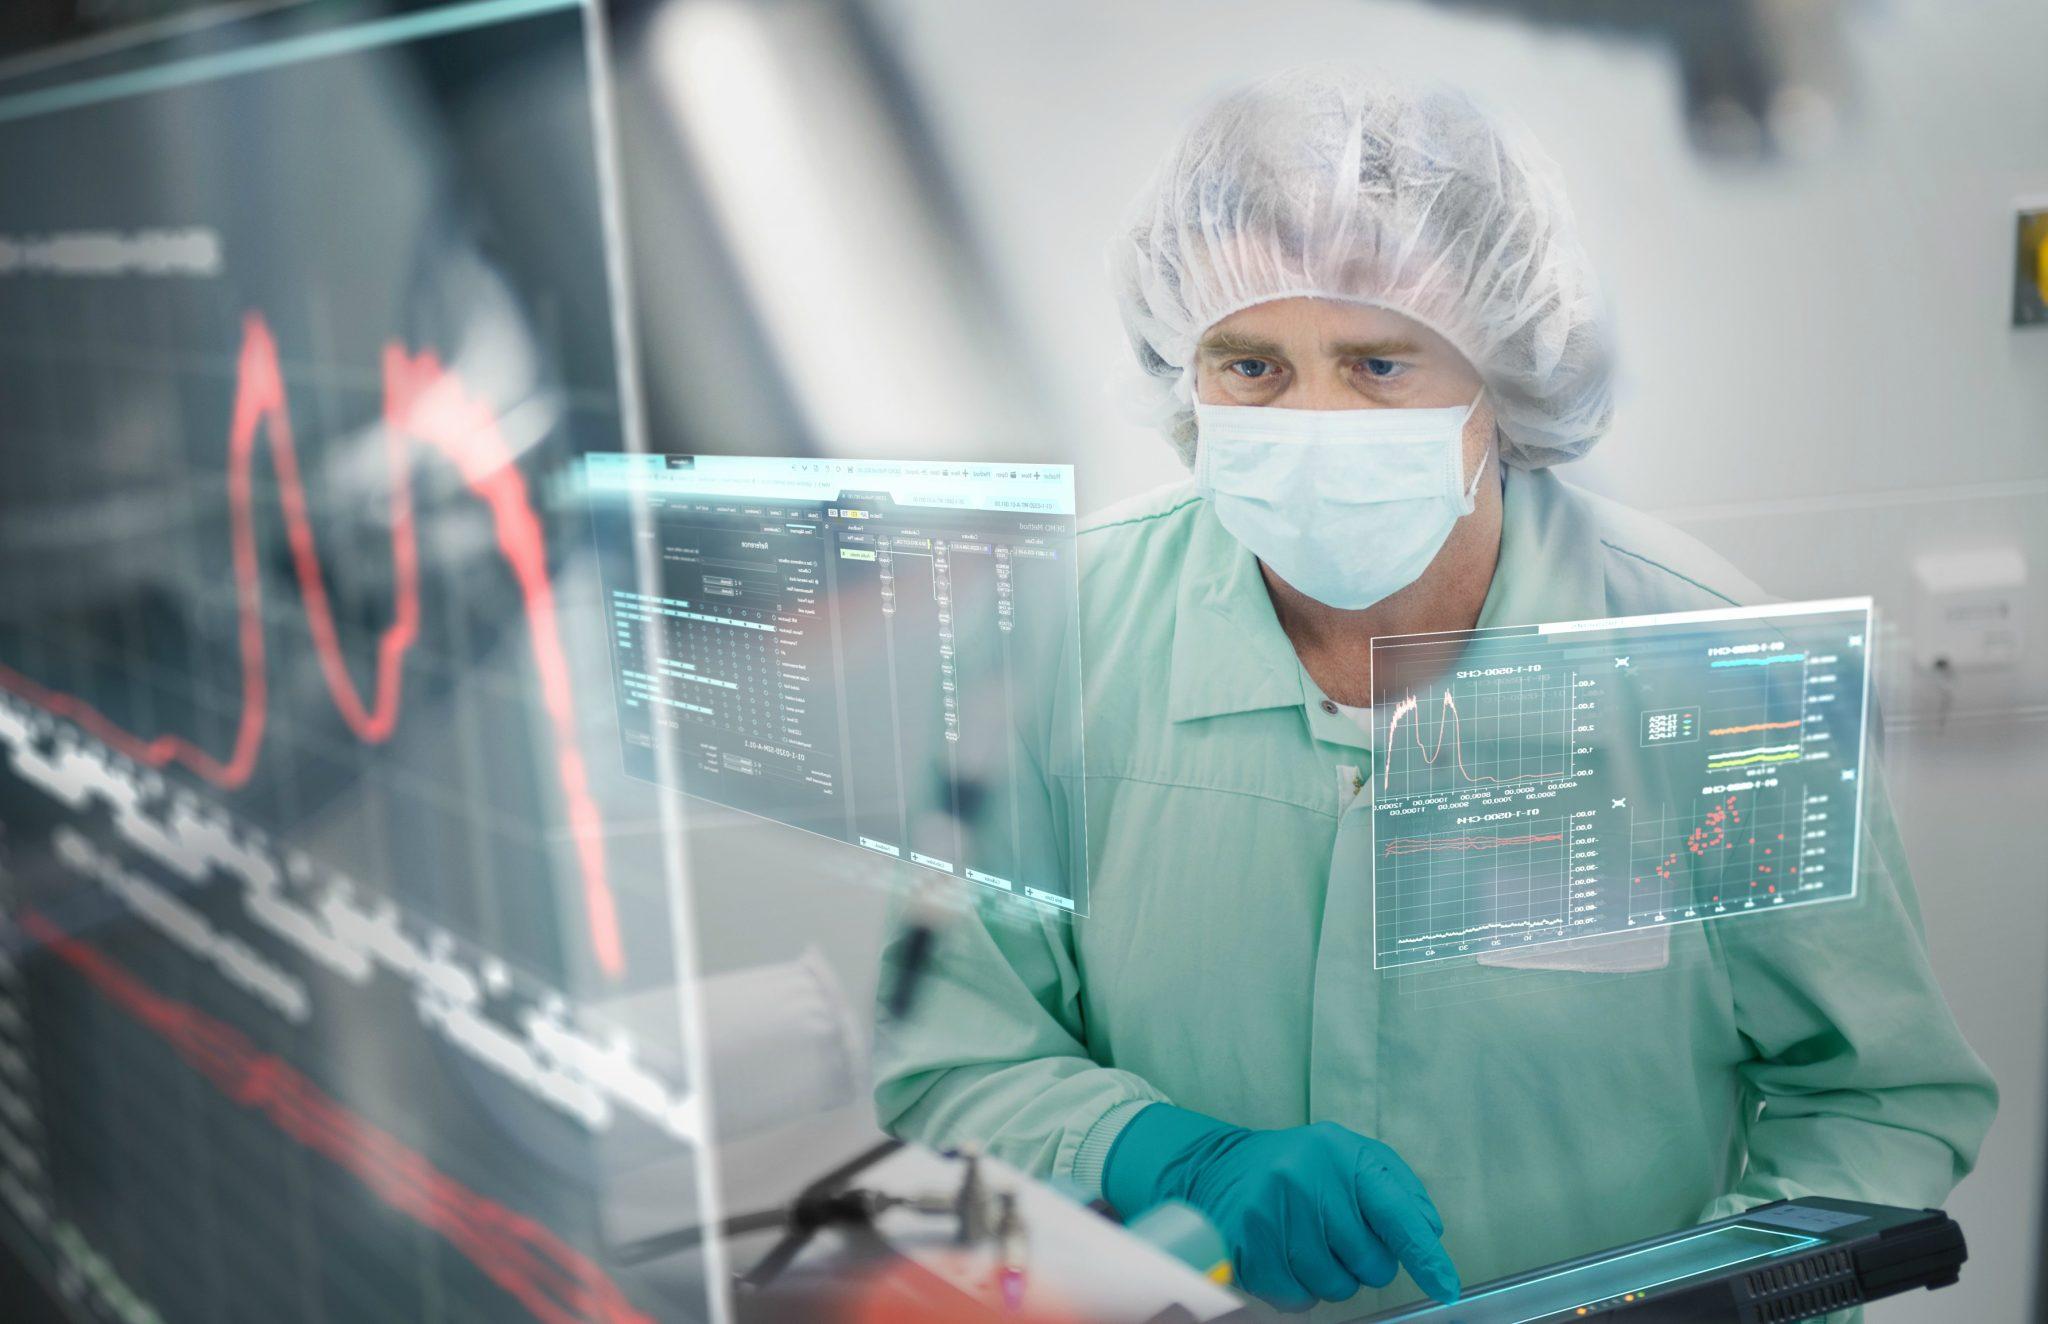 Homem olhando tela de computador na fábrica da Siemens